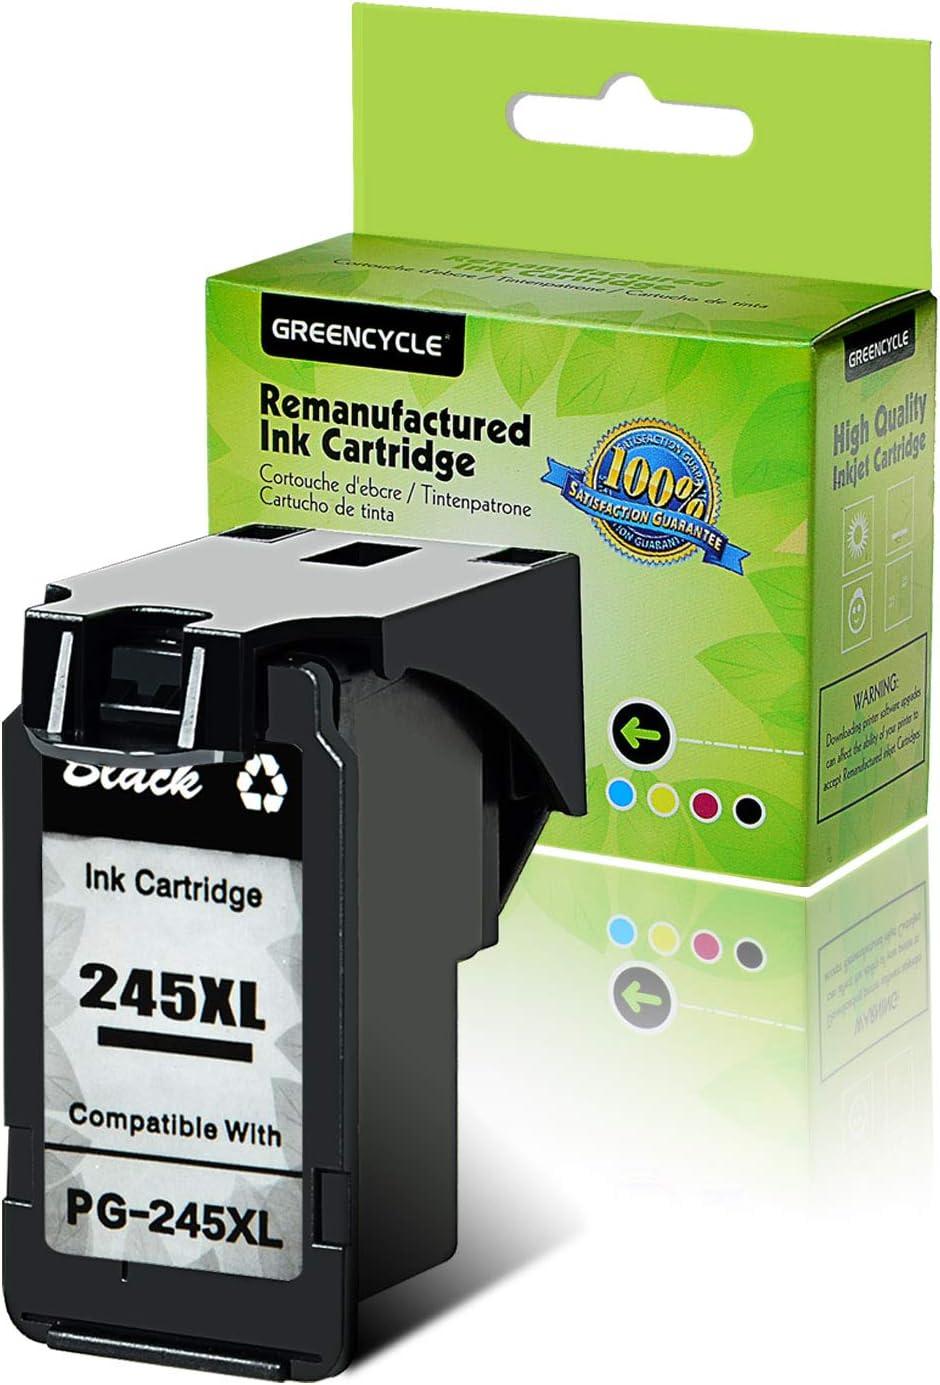 Amazon.com: greencycle Cartuchos de tinta Remanufactured PG ...